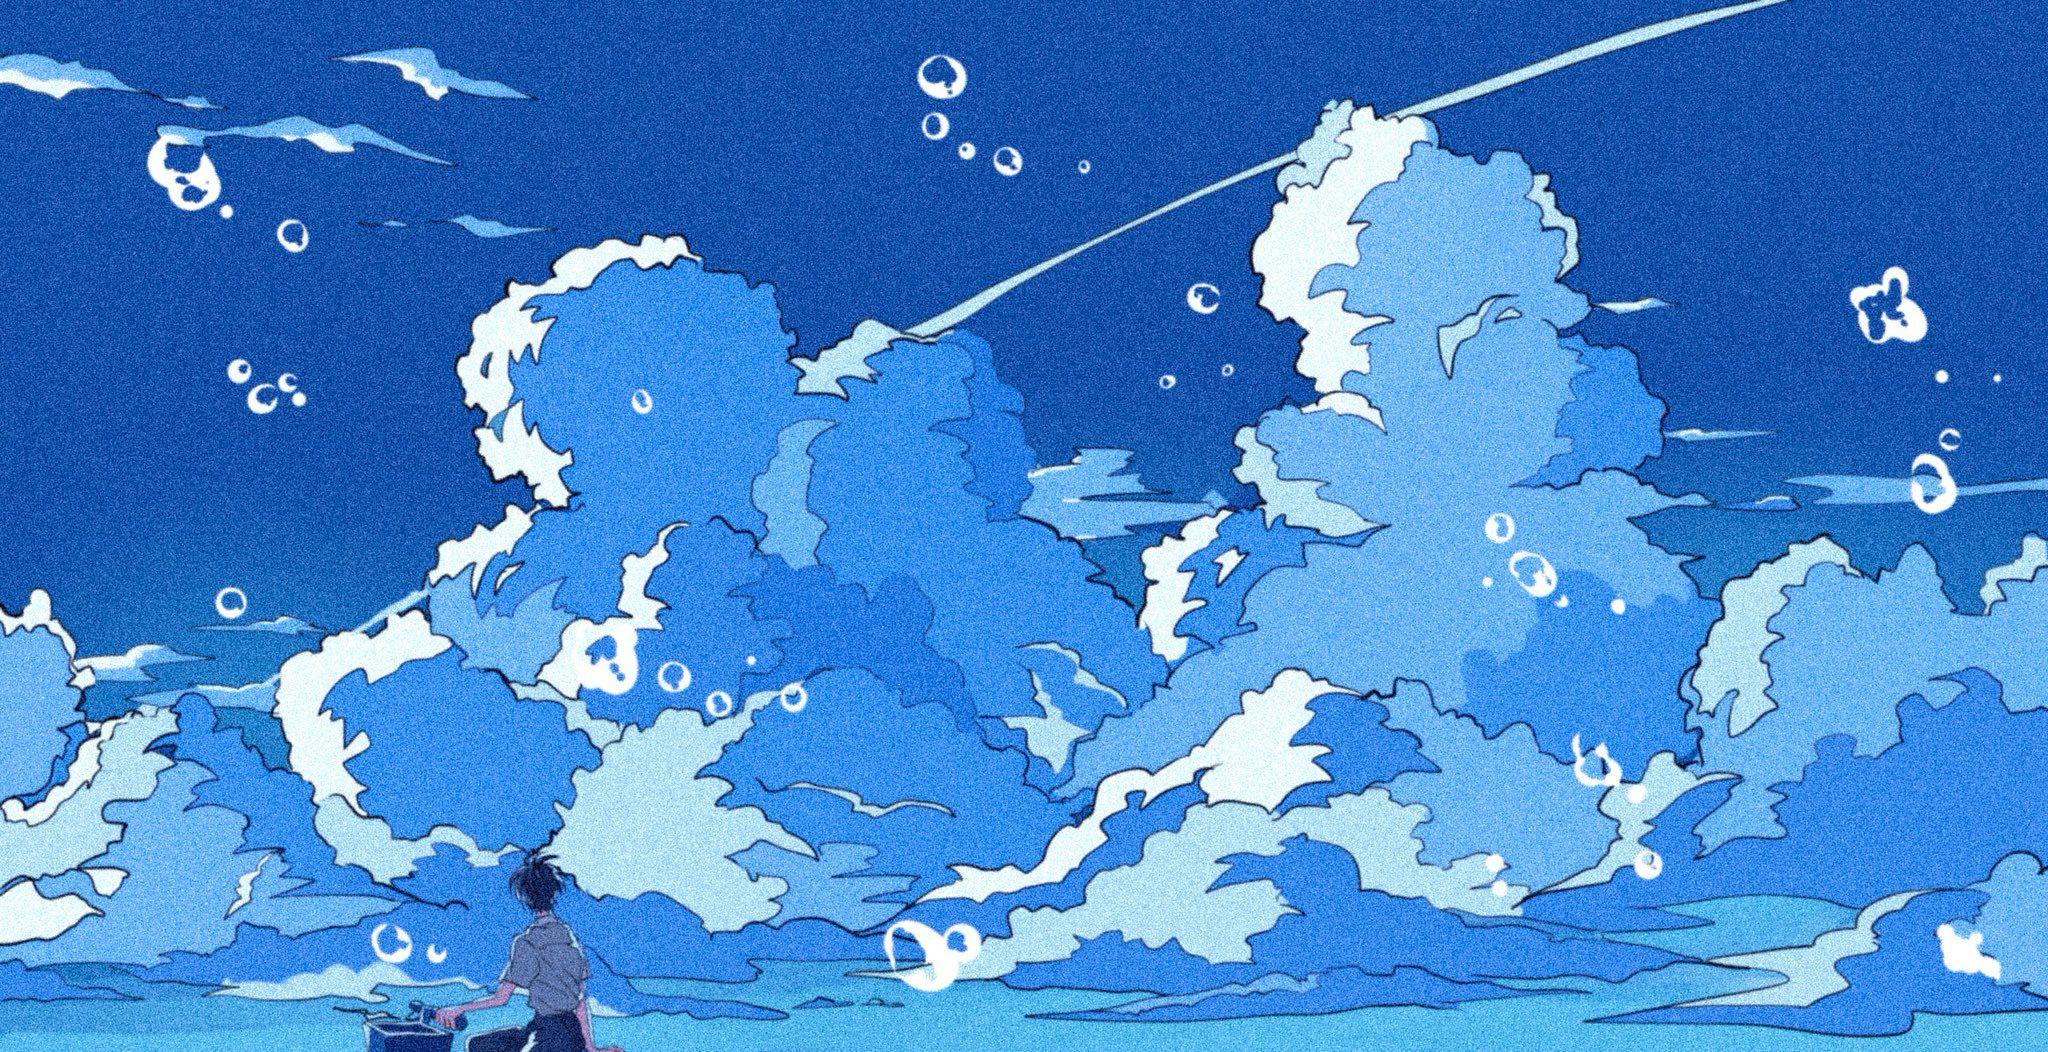 Anime wallpaper aesthetic pc